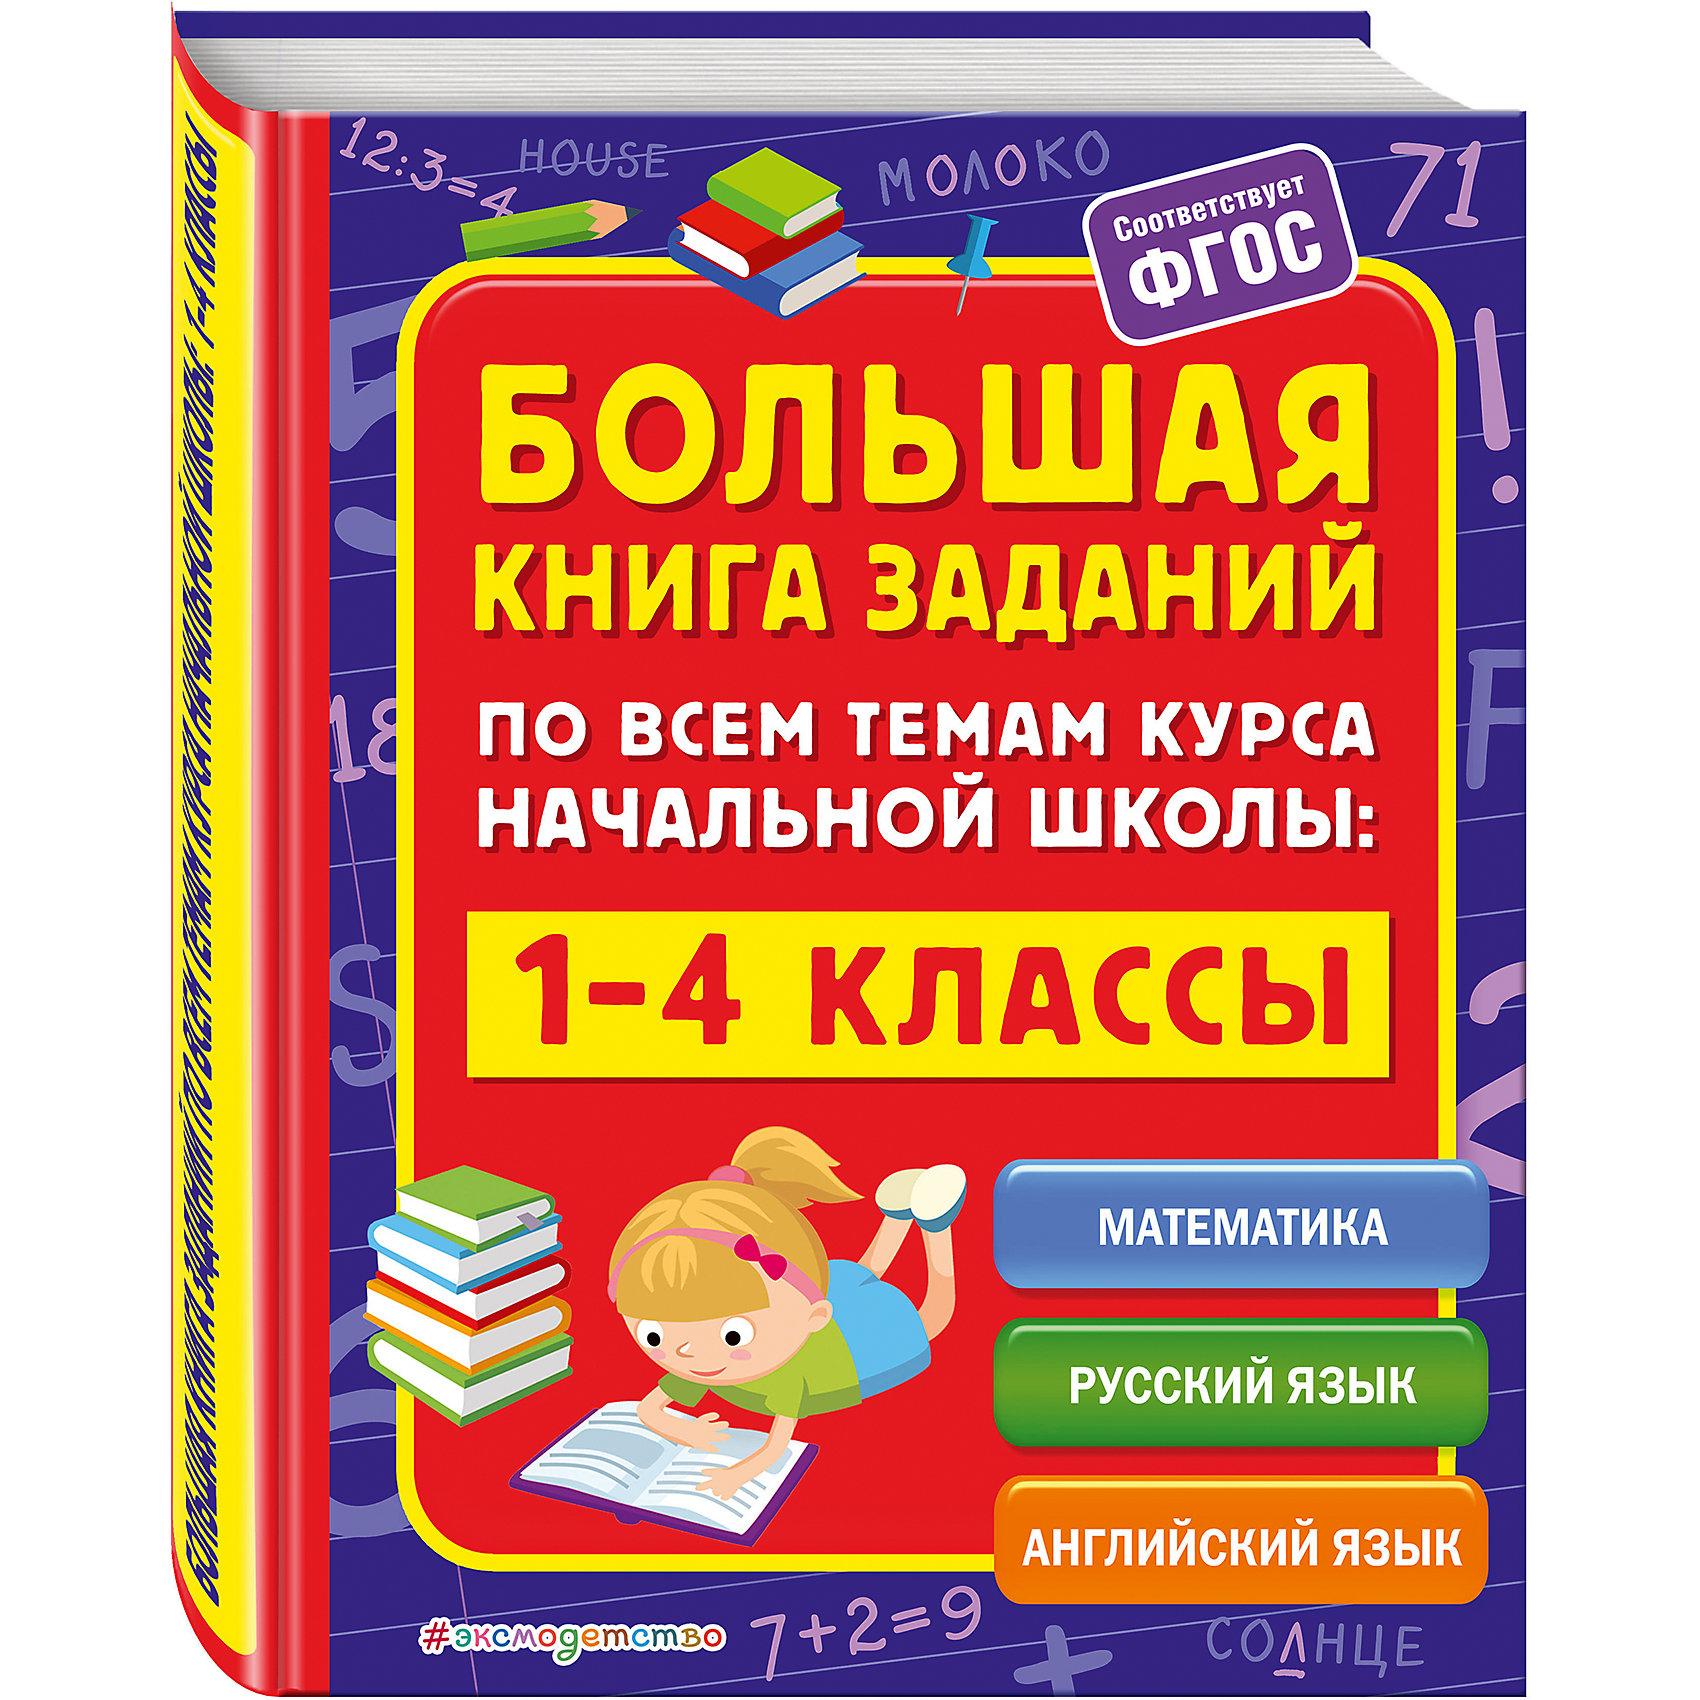 Большая книга заданий по всем темам курса начальной школы: 1-4 классыТесты и задания<br>Пособие, подготовленное в соответствии с требованиями ФГОС для начальной школы, предназначено для младших школьников, их родителей, а также учителей начальной школы и направлено на систематизацию и углубление навыков счёта, понимание и решение учащимися математических задач, закрепление навыков грамотного письма, освоение лексики и правил грамматики английского языка.<br>Каждая тема включает в себя информационную и практическую части. Информационная часть подскажет, как лучше запомнить тему, на что обратить внимание, как применить правило, а практическая – содержит разноуровневые задания, построенные по принципу «от простого к сложному». Объяснение правил сопровождается понятными таблицами и схемами. Наглядность подачи материала поможет лучшему запоминанию и закреплению знаний.<br>Книга поможет родителям и педагогам эффективно организовать обучение ребёнка, а учащимся закрепить и углубить полученные знания. Её можно использовать для домашних занятий в качестве тренажёра, а также для коллективной и индивидуальной работы в классе.<br><br>Ширина мм: 260<br>Глубина мм: 200<br>Высота мм: 20<br>Вес г: 625<br>Возраст от месяцев: 72<br>Возраст до месяцев: 144<br>Пол: Унисекс<br>Возраст: Детский<br>SKU: 6878025